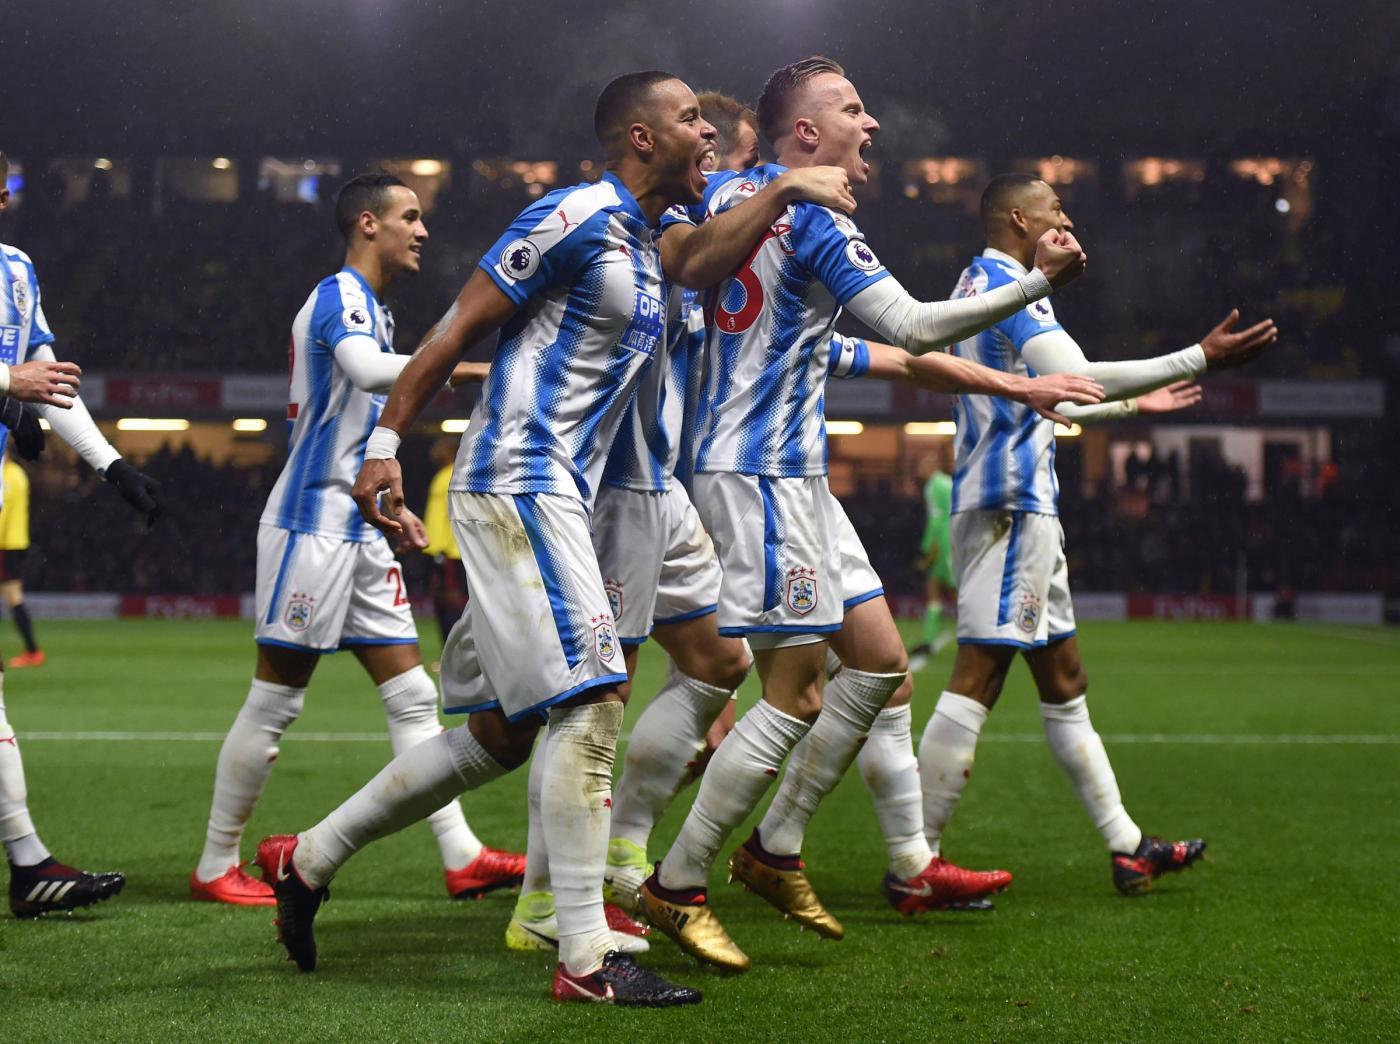 Premier League, Huddersfield-Everton 29 gennaio: analisi e pronostico della giornata della massima divisione calcistica inglese